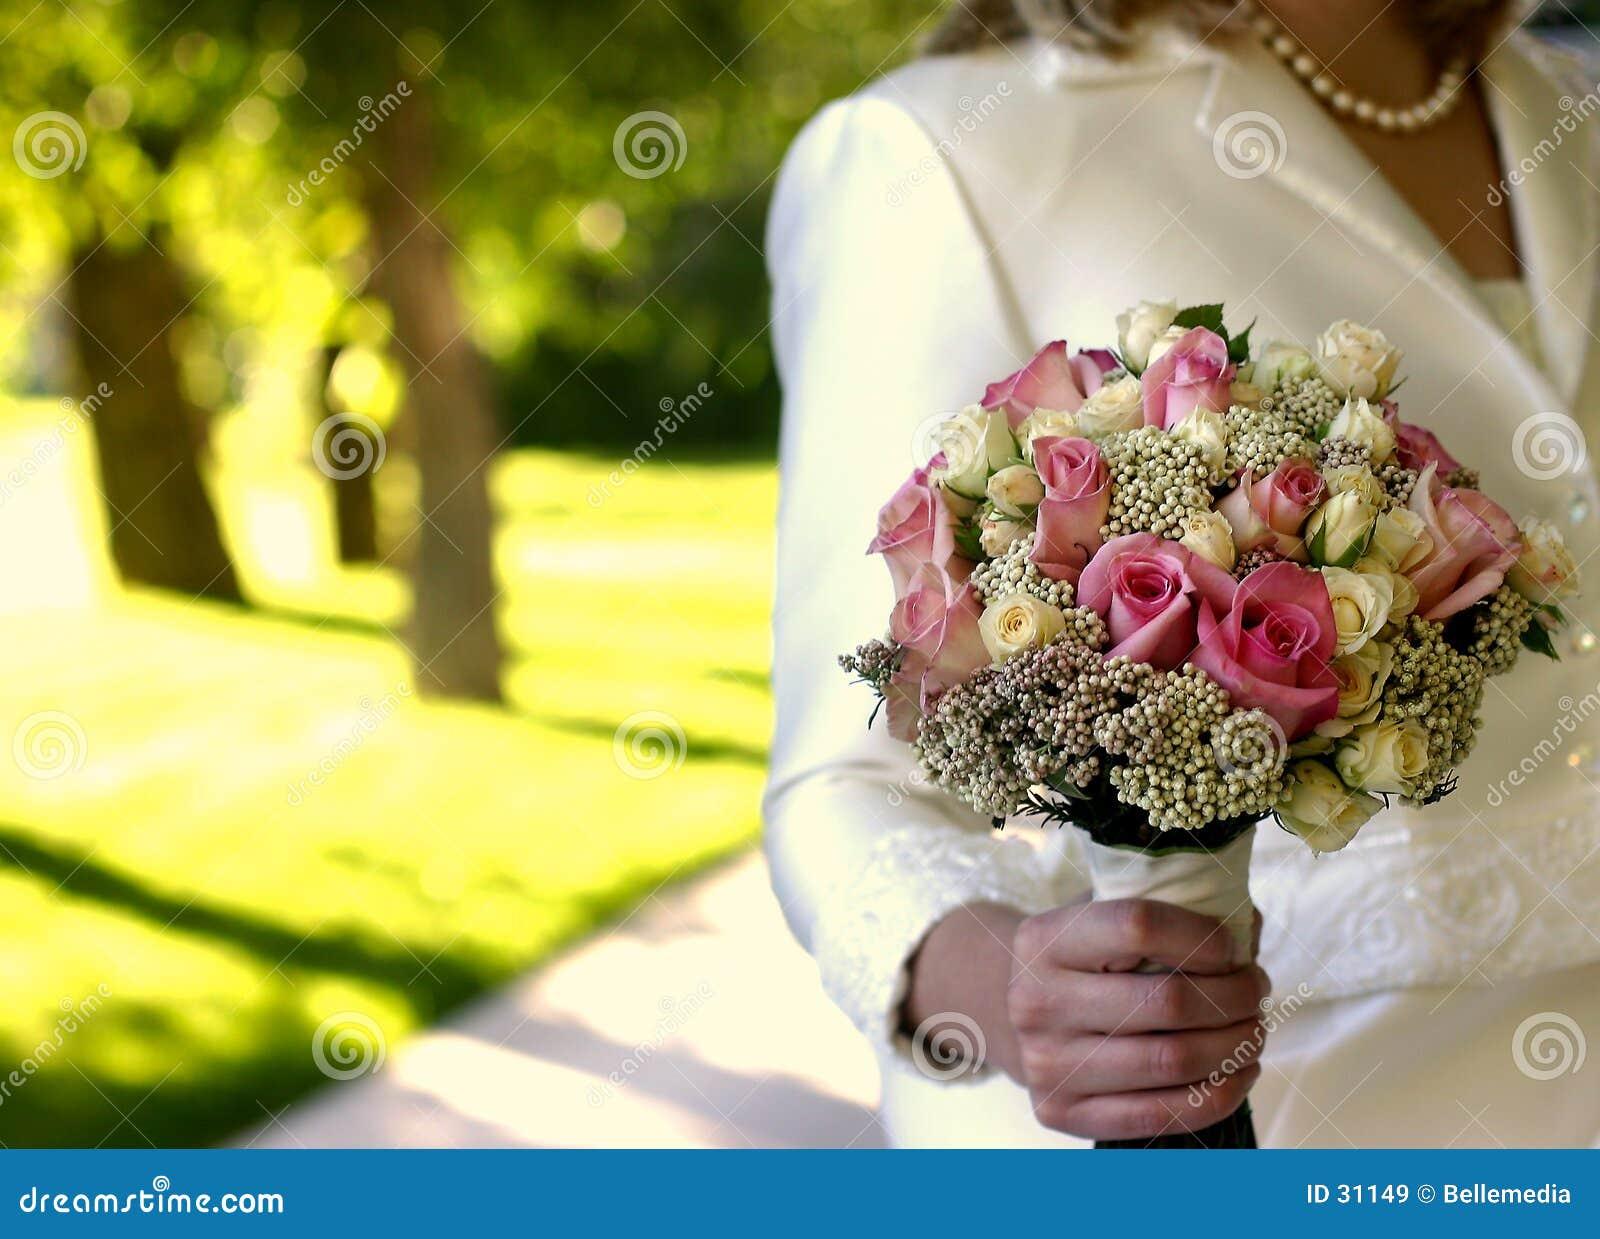 Blumen für eine Braut an ihrer Hochzeit